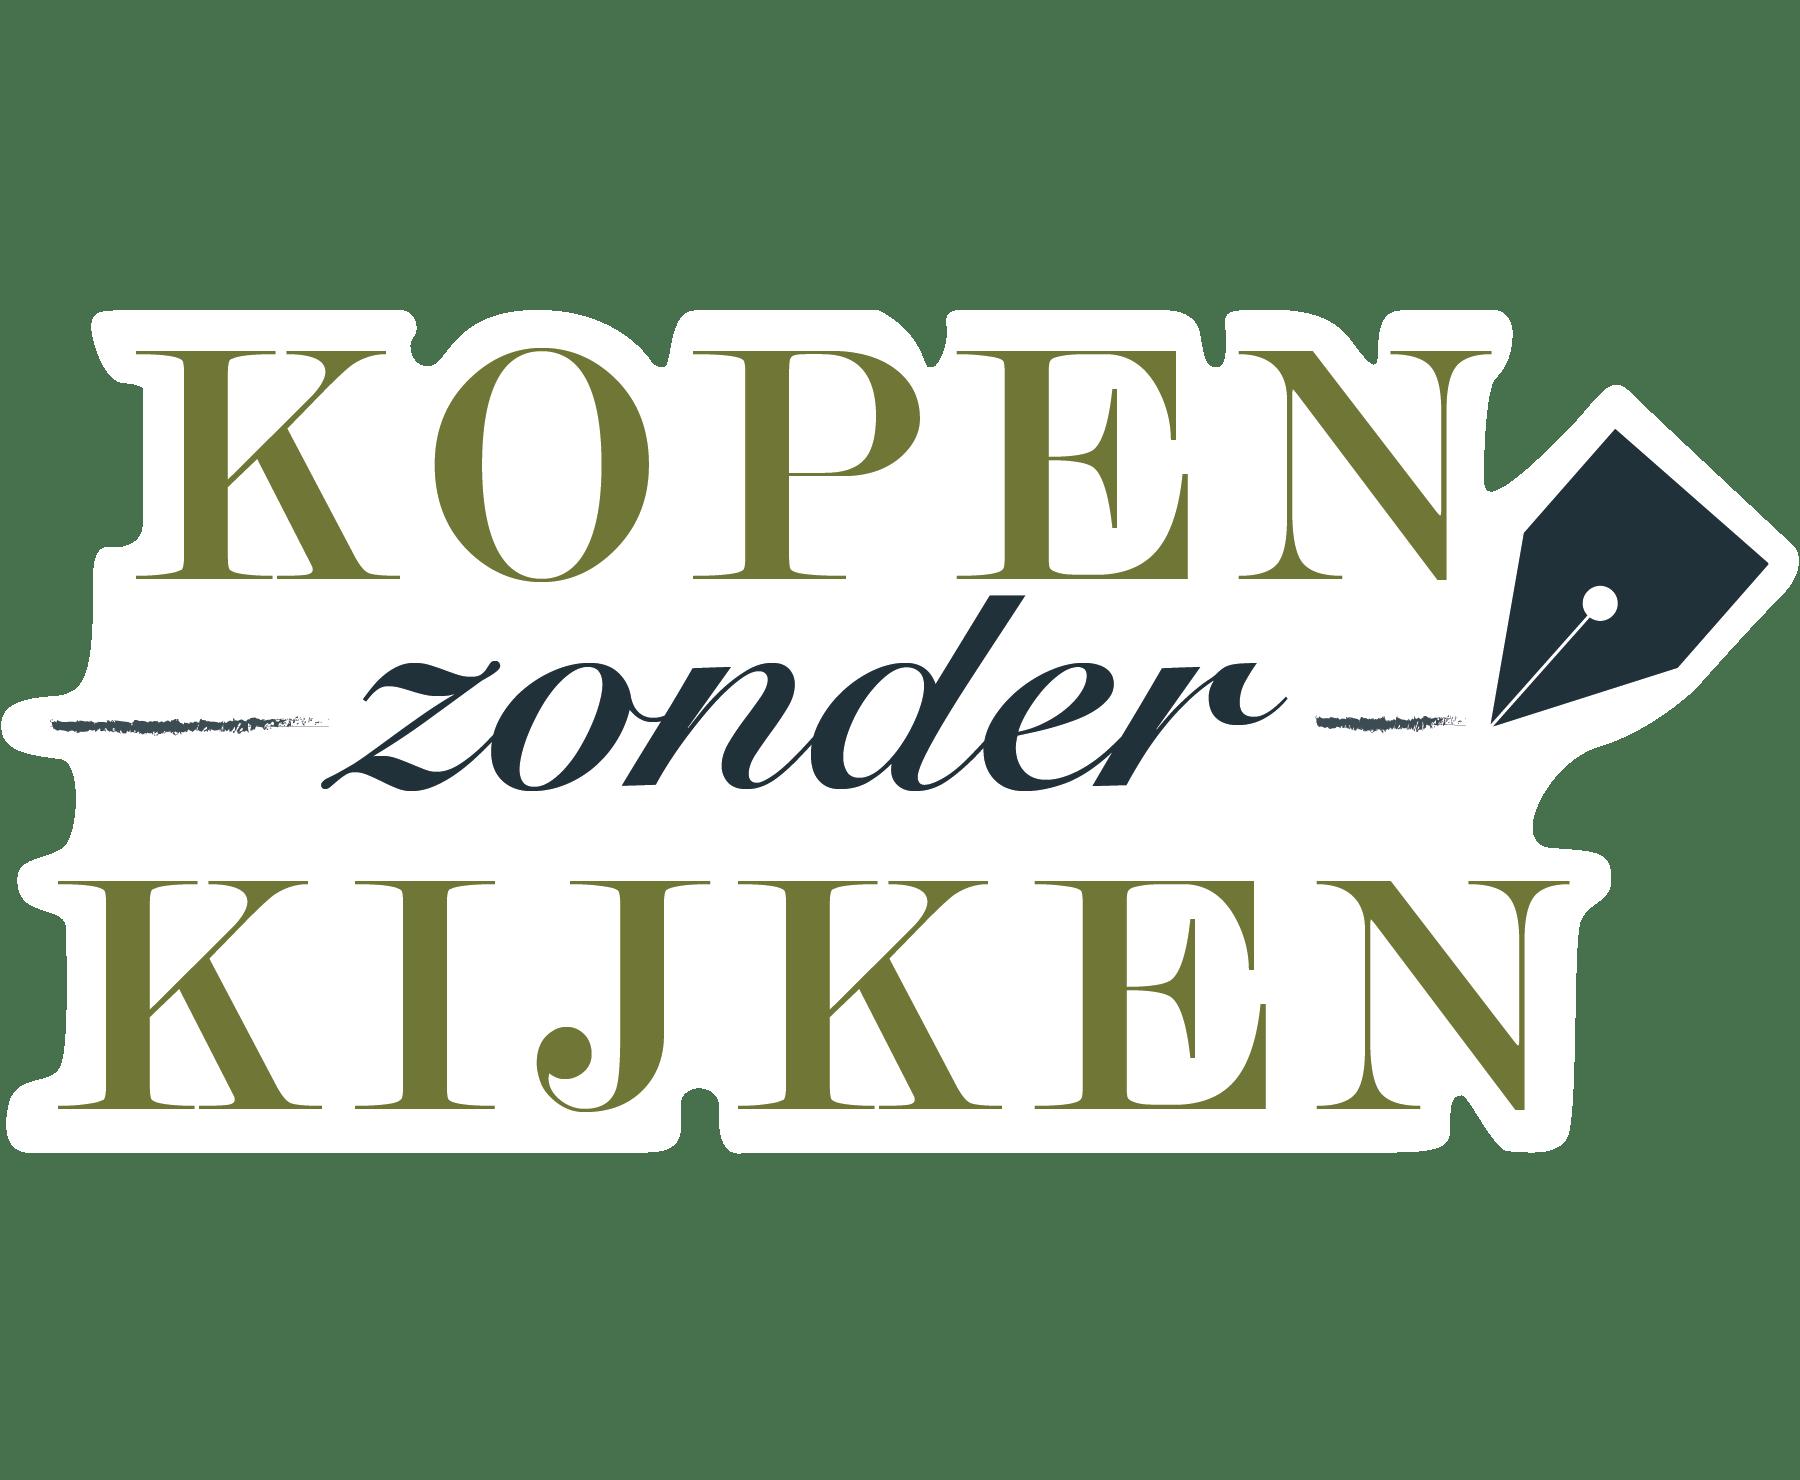 Kopen Zonder Kijken logo